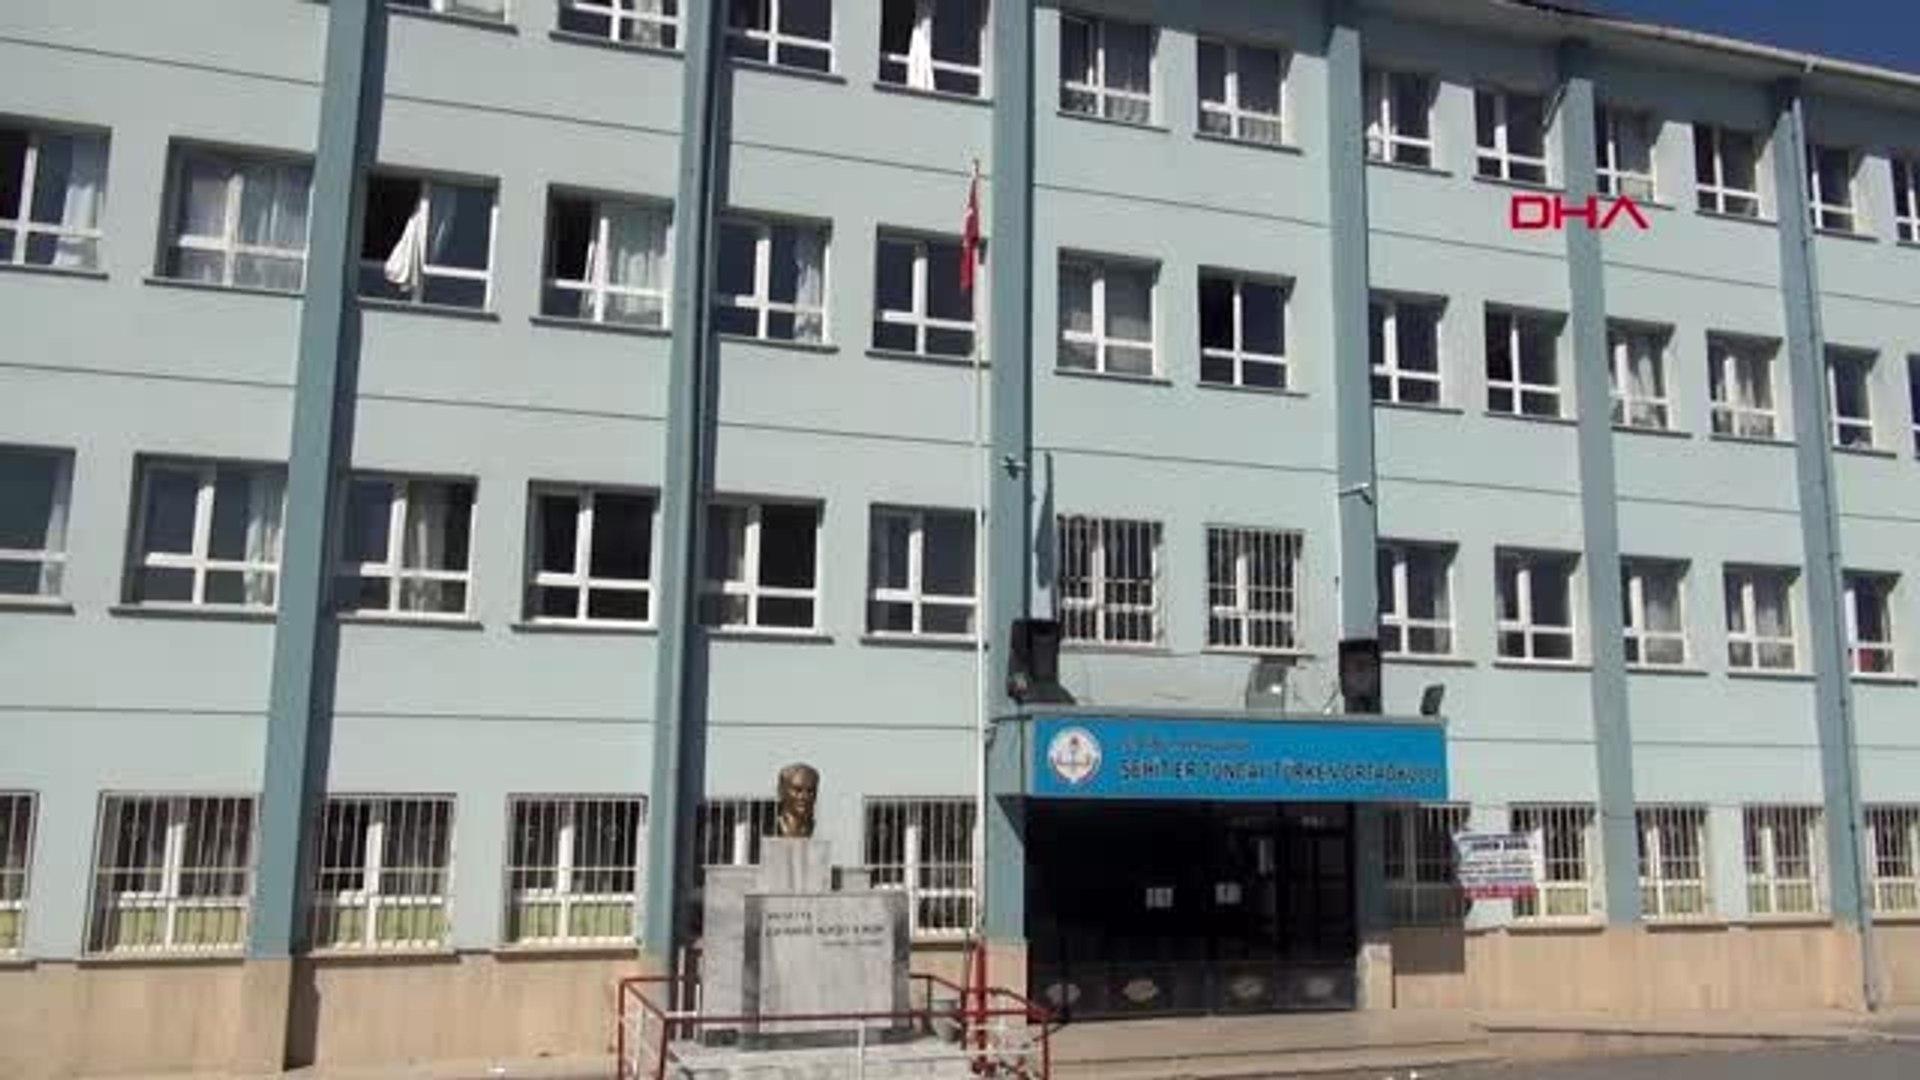 Arnavutköy'de 15 bina ve 1 okul mühürlendi